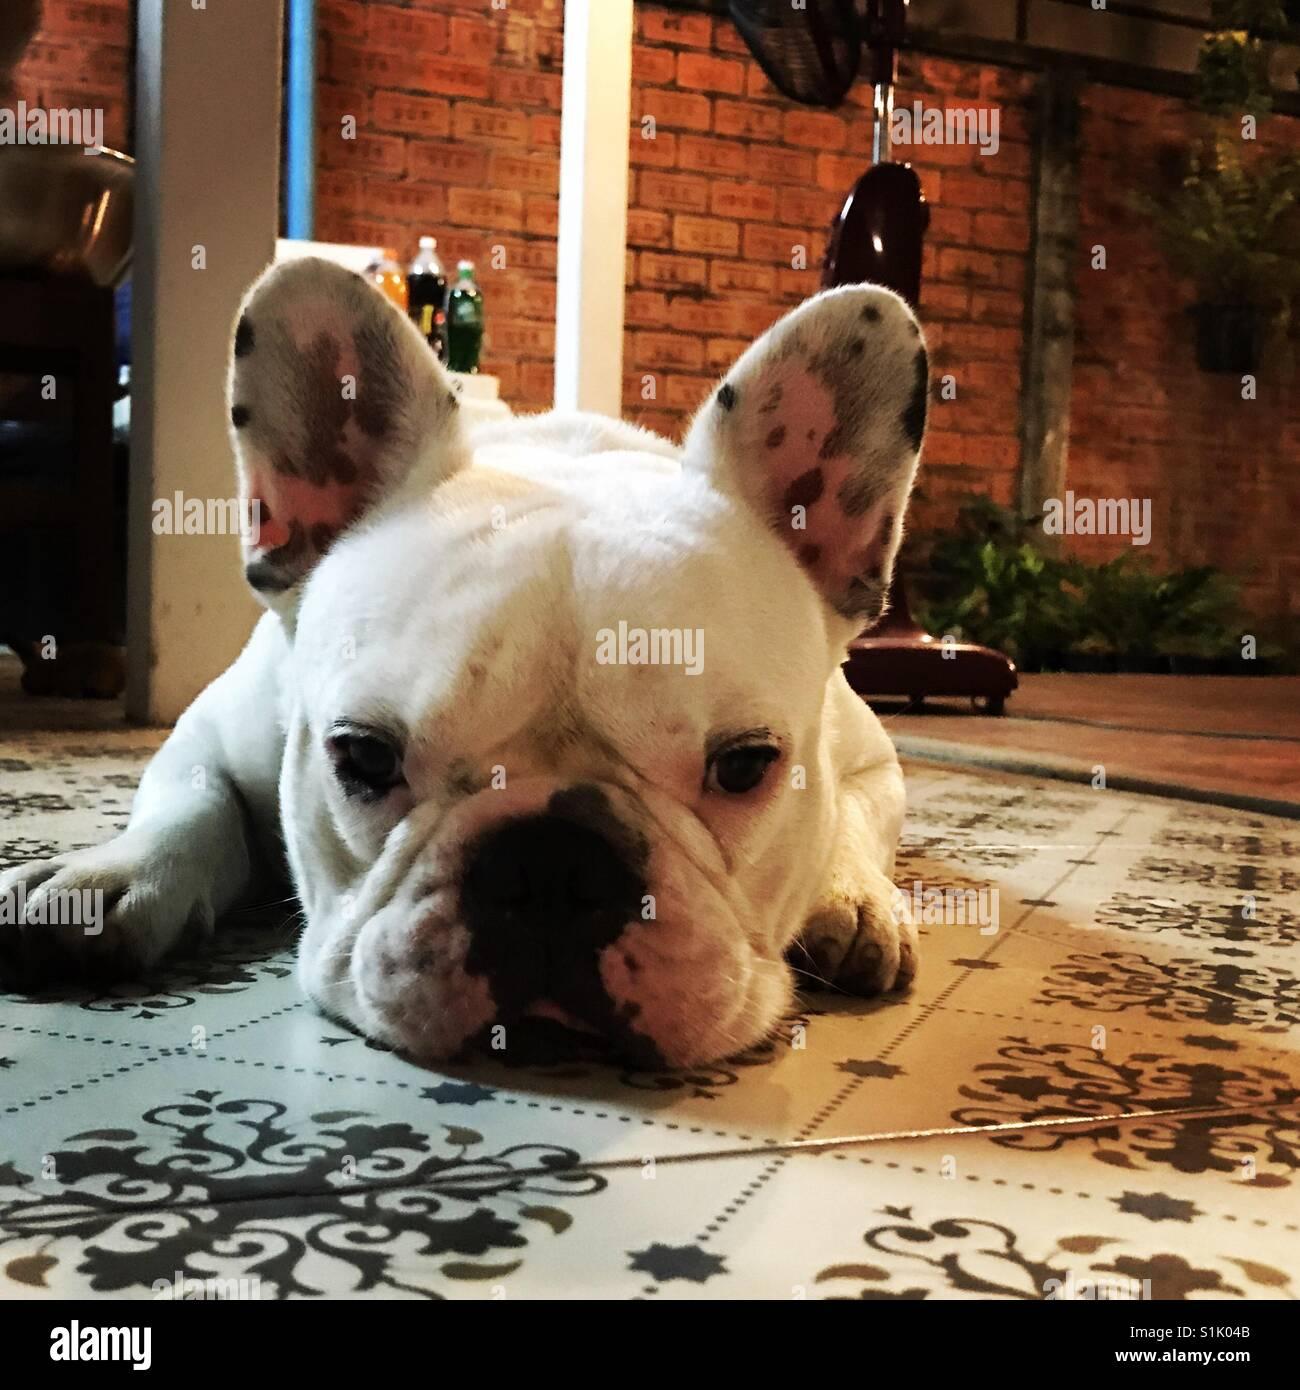 Bored dog - Stock Image